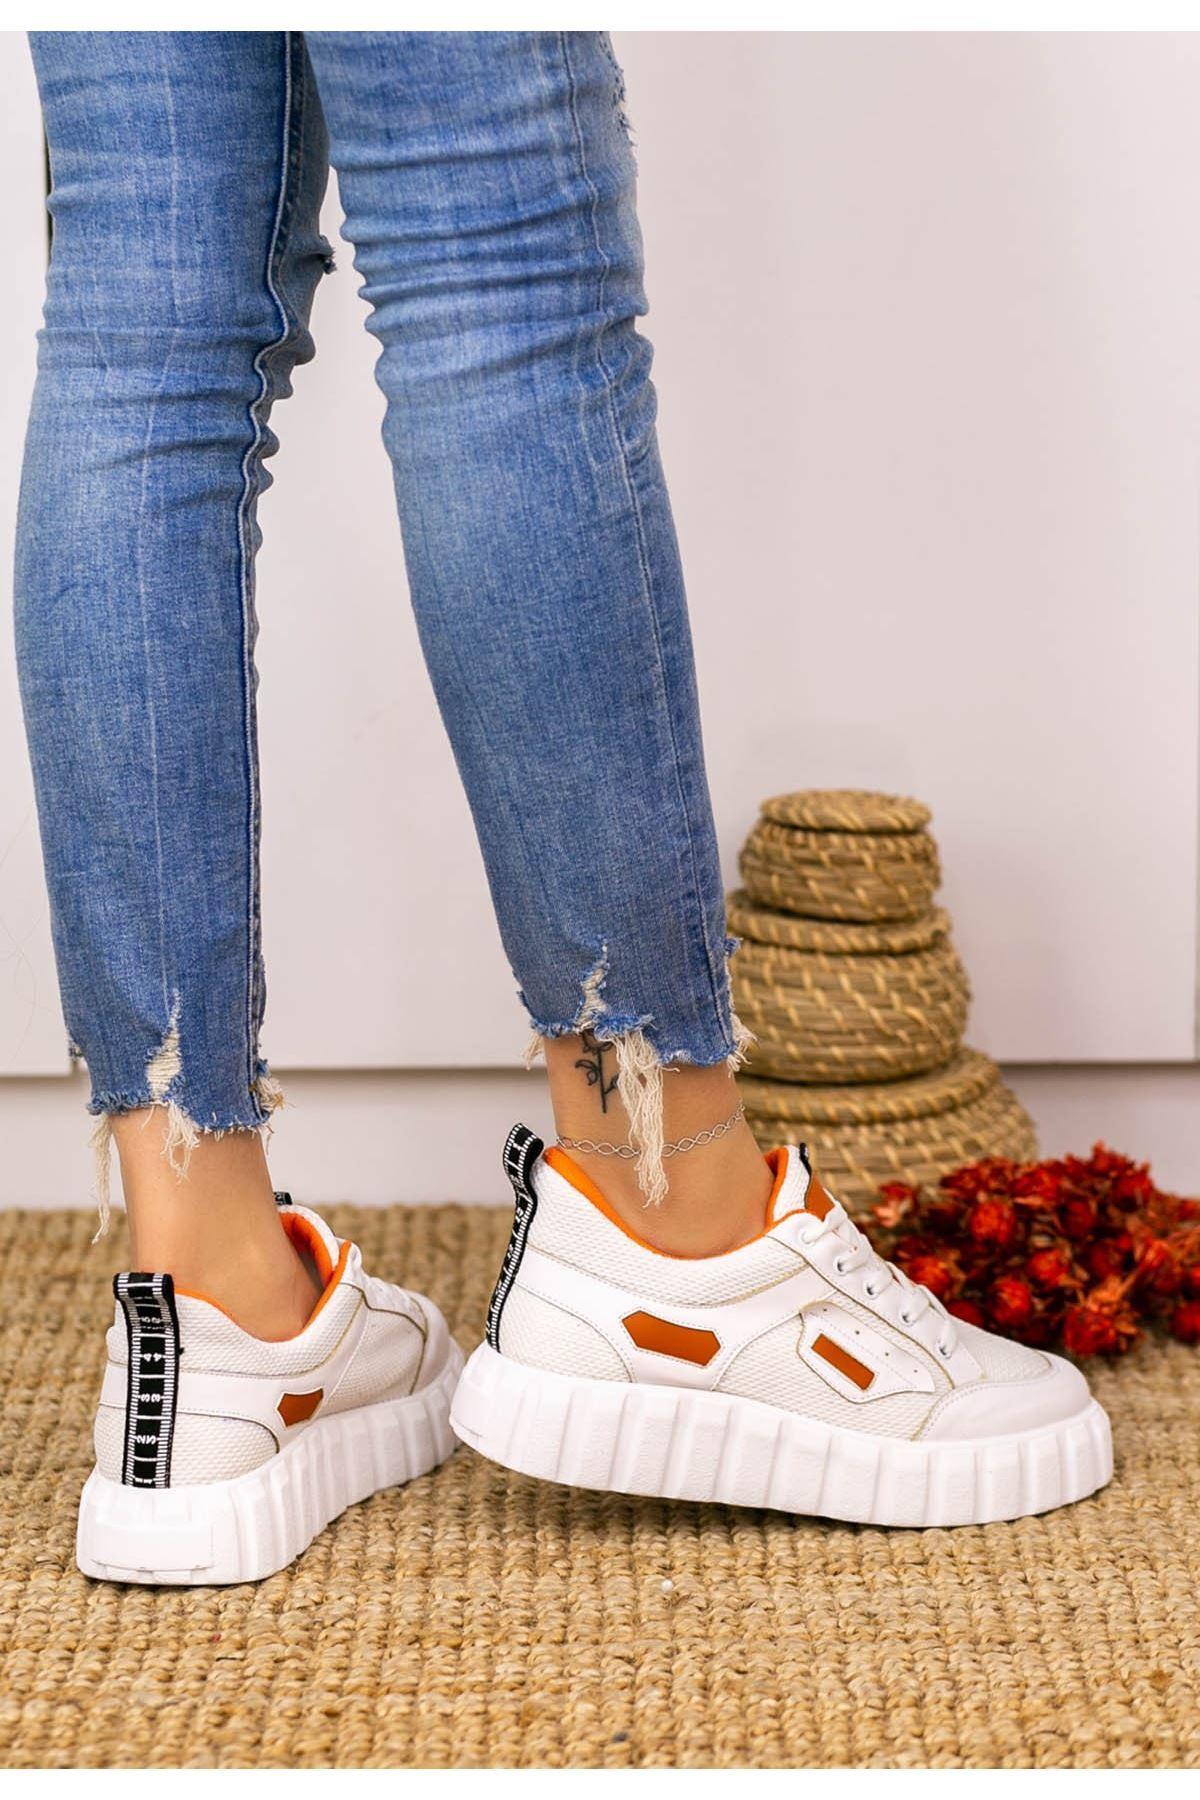 Adna Beyaz Cilt Bağcıklı Spor Ayakkabı